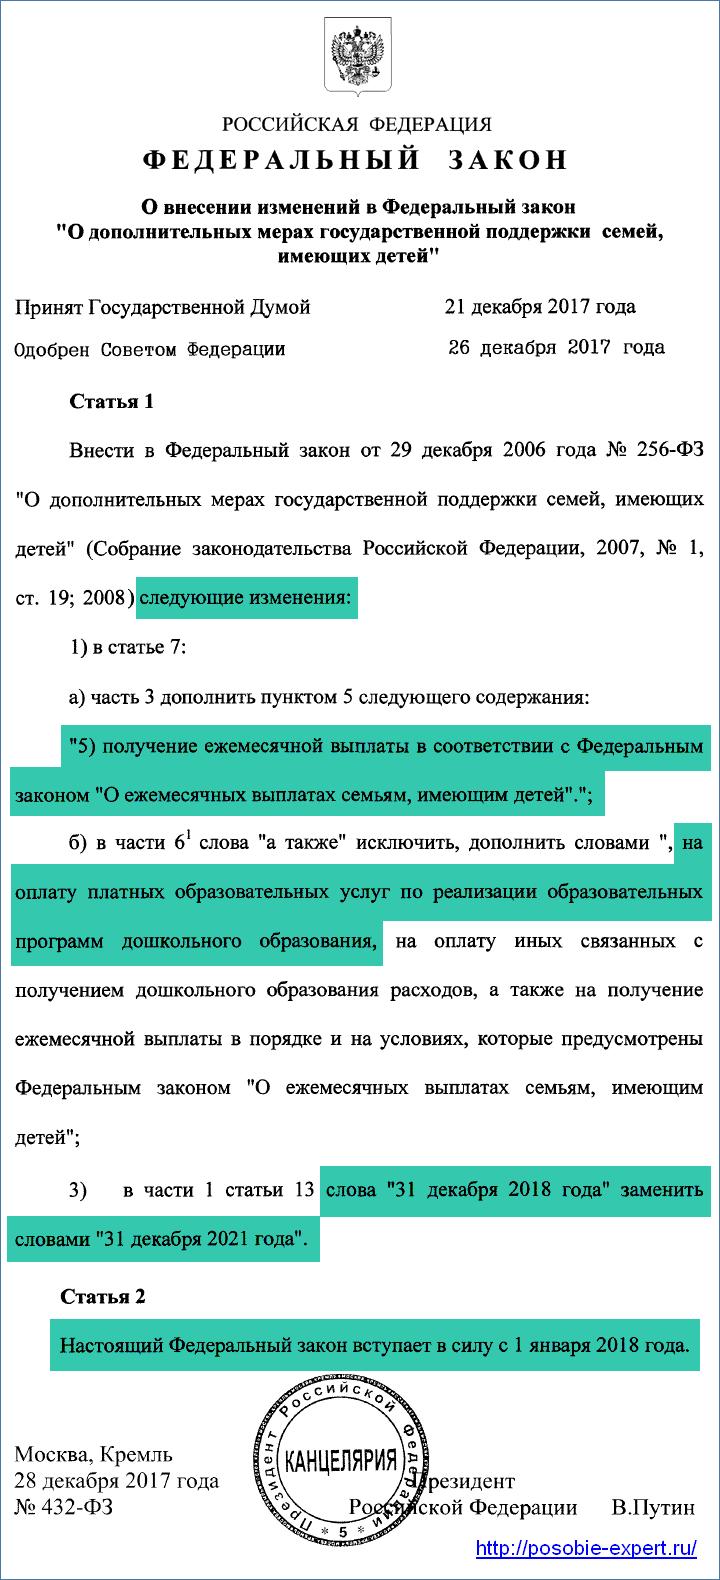 Материнский капитал продлили до 2021 включительно (закон)5c5b3711b986a